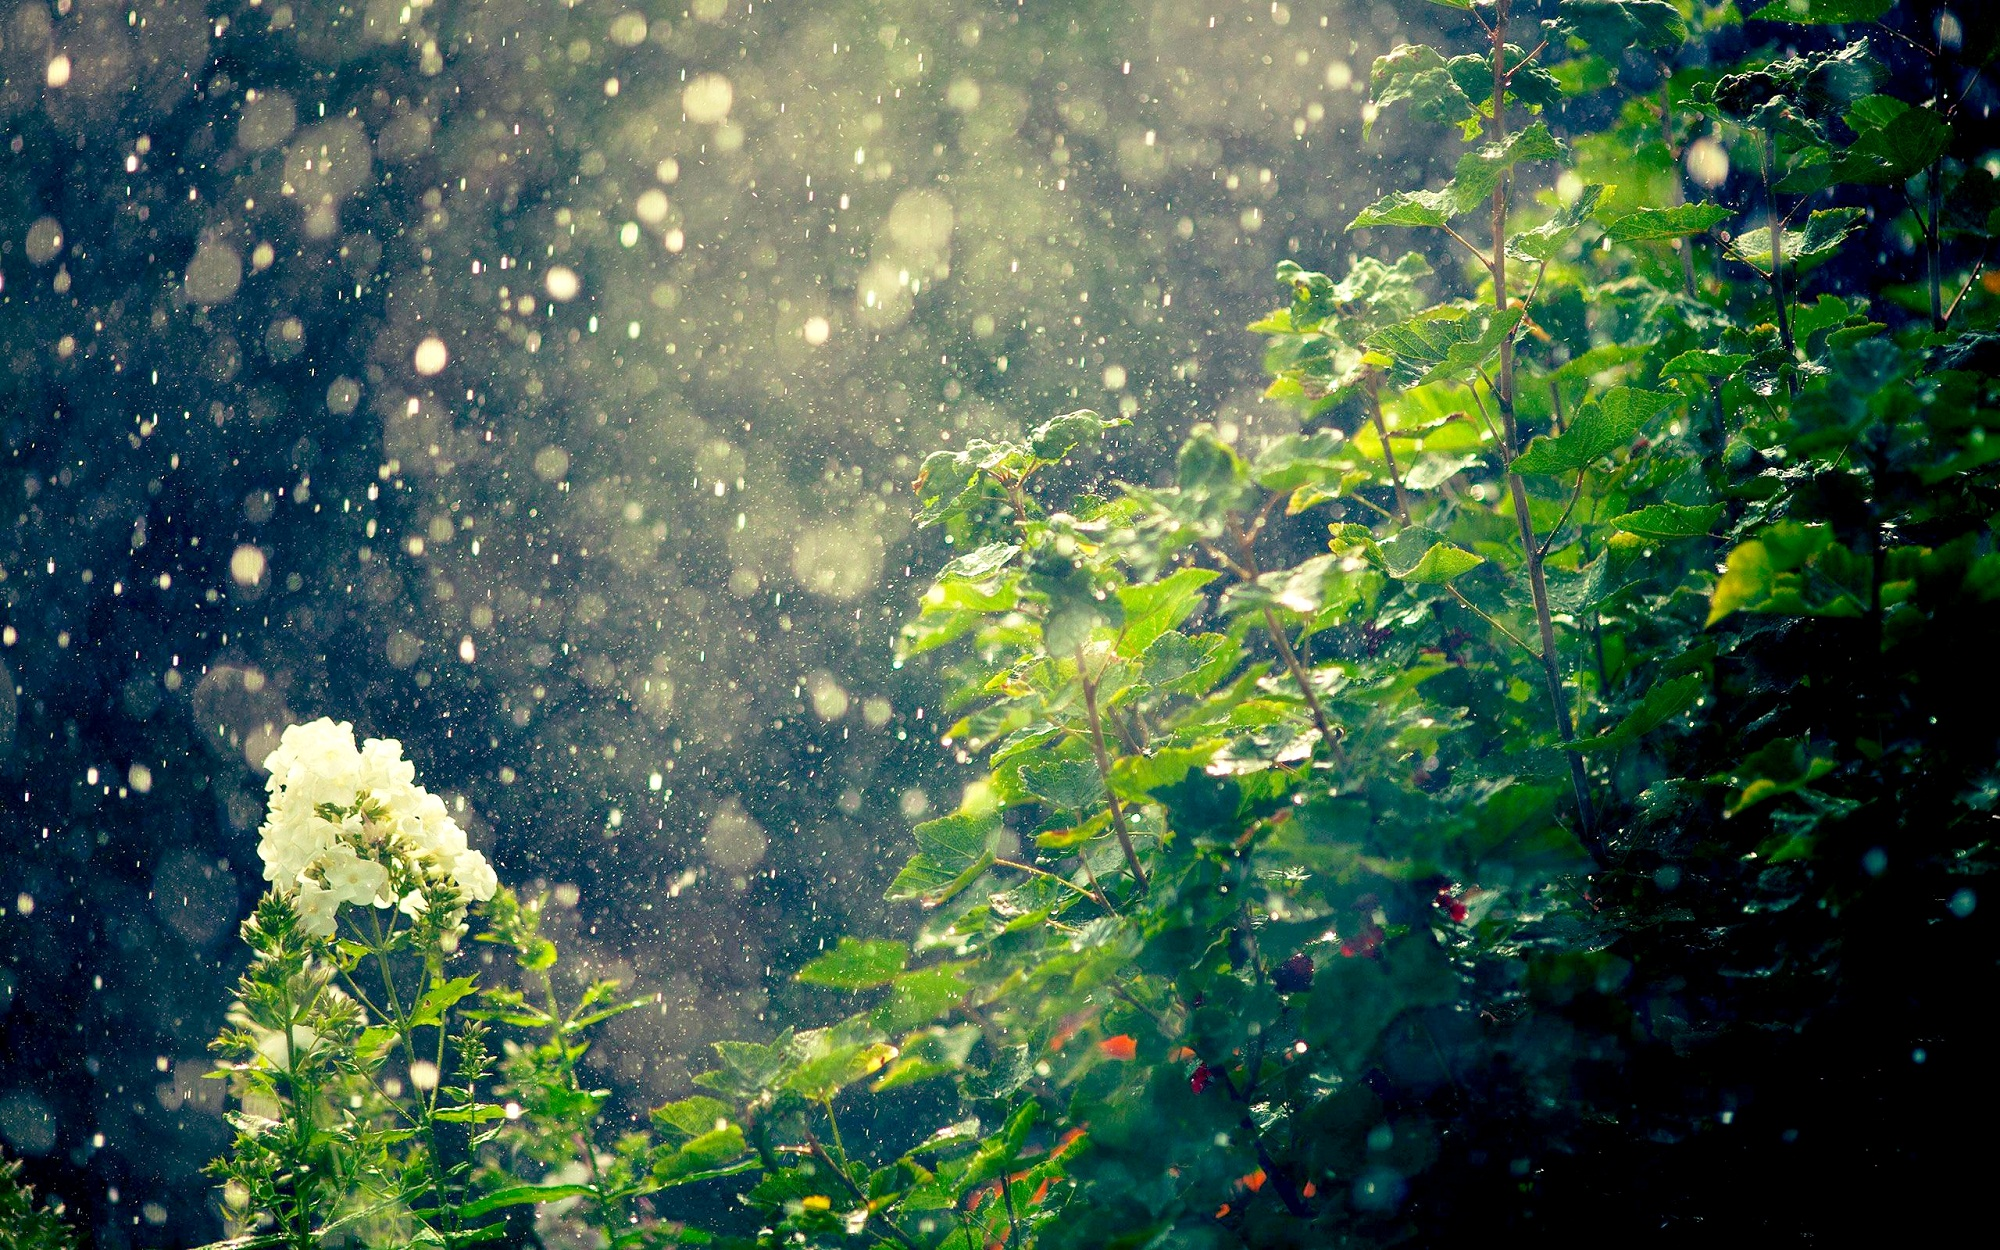 عکس باران اچ دی